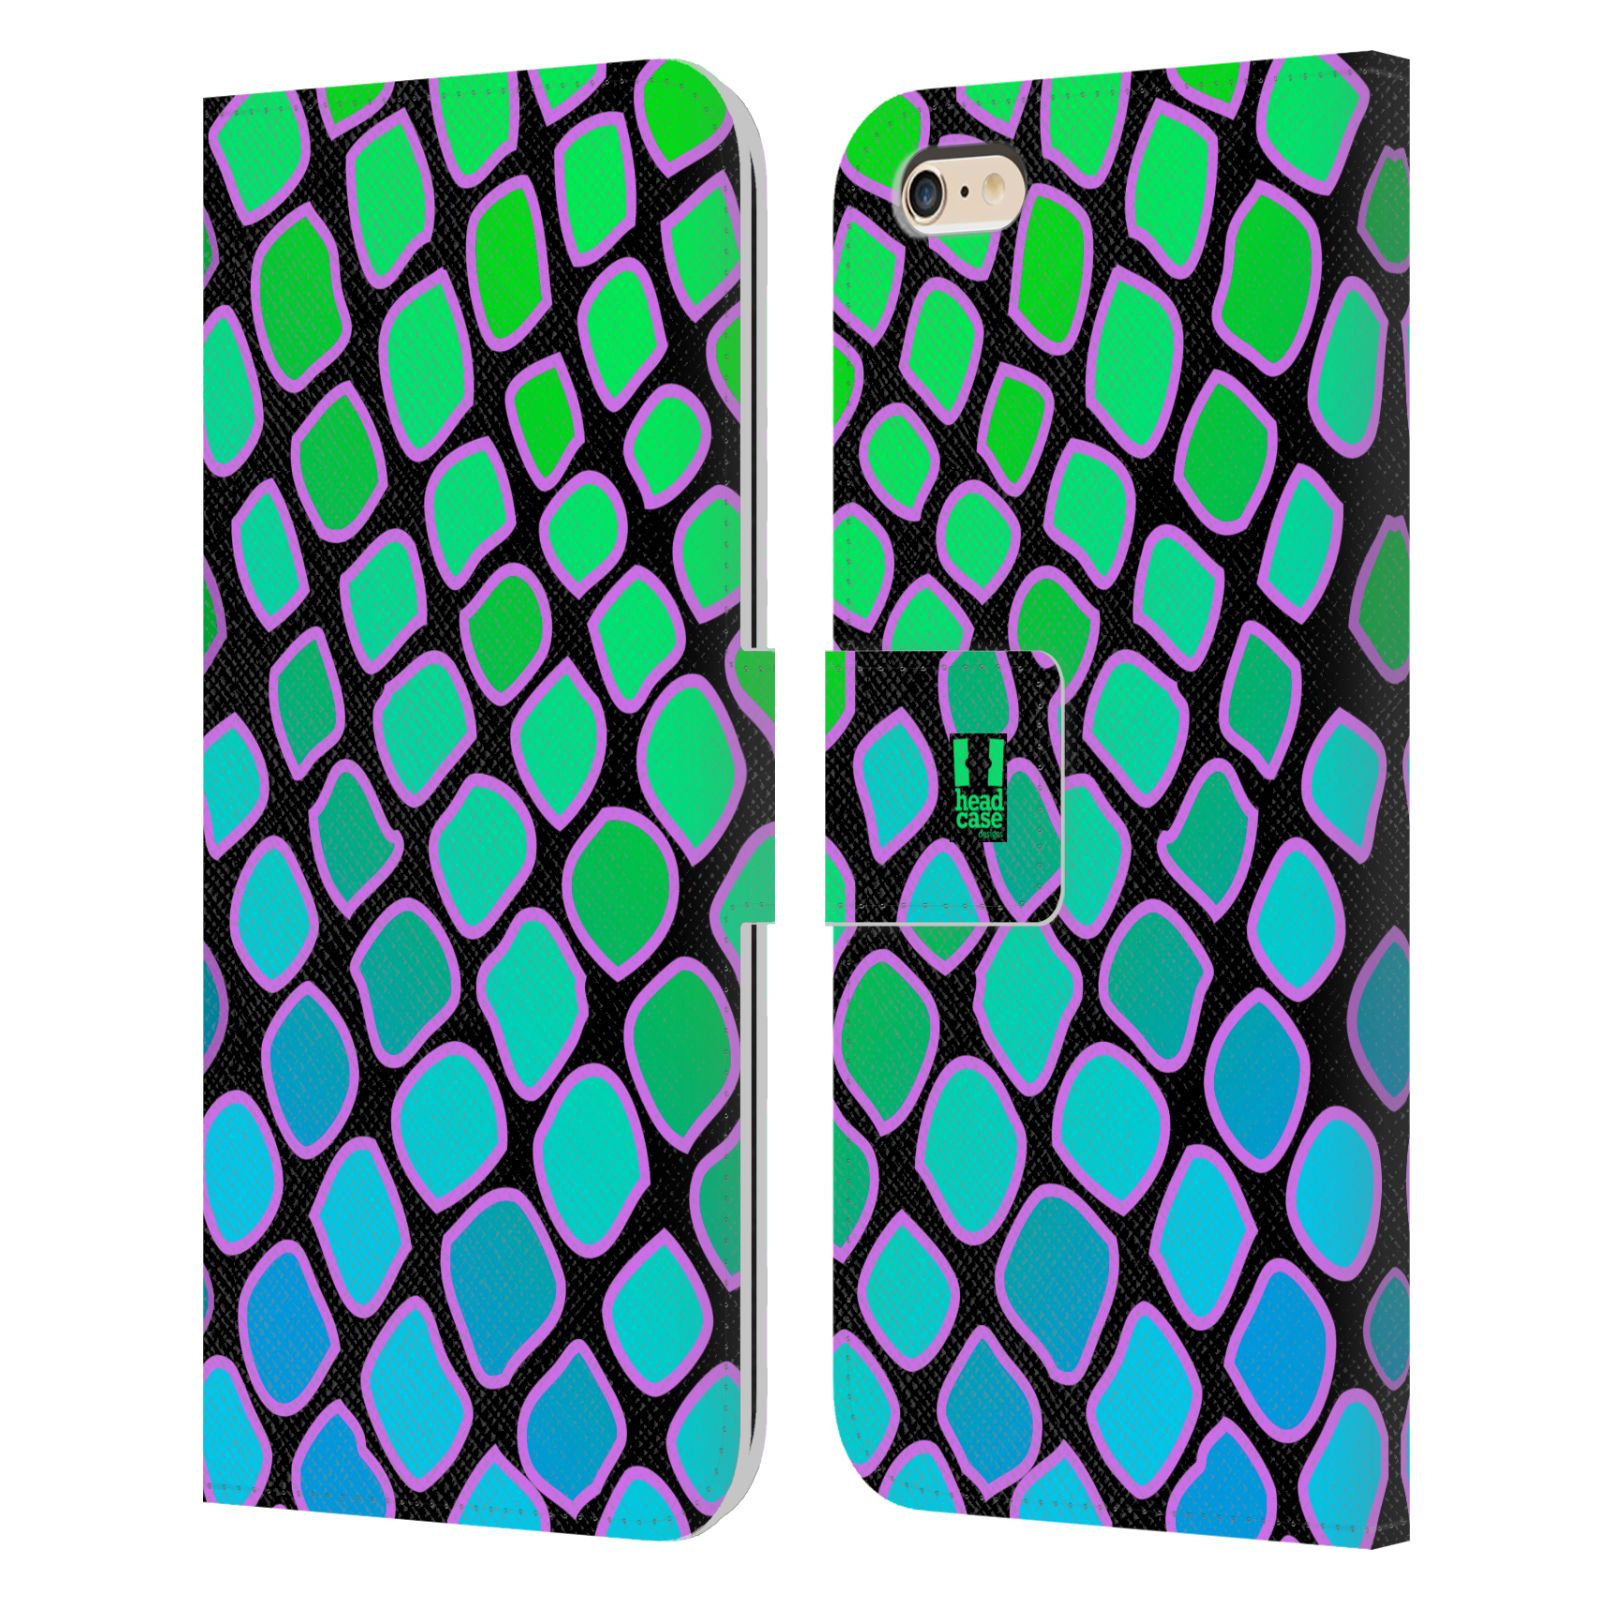 HEAD CASE Flipové pouzdro pro mobil Apple Iphone 6 PLUS / 6S PLUS Zvířecí barevné vzory vodní had modrá a zelená barva AQUA